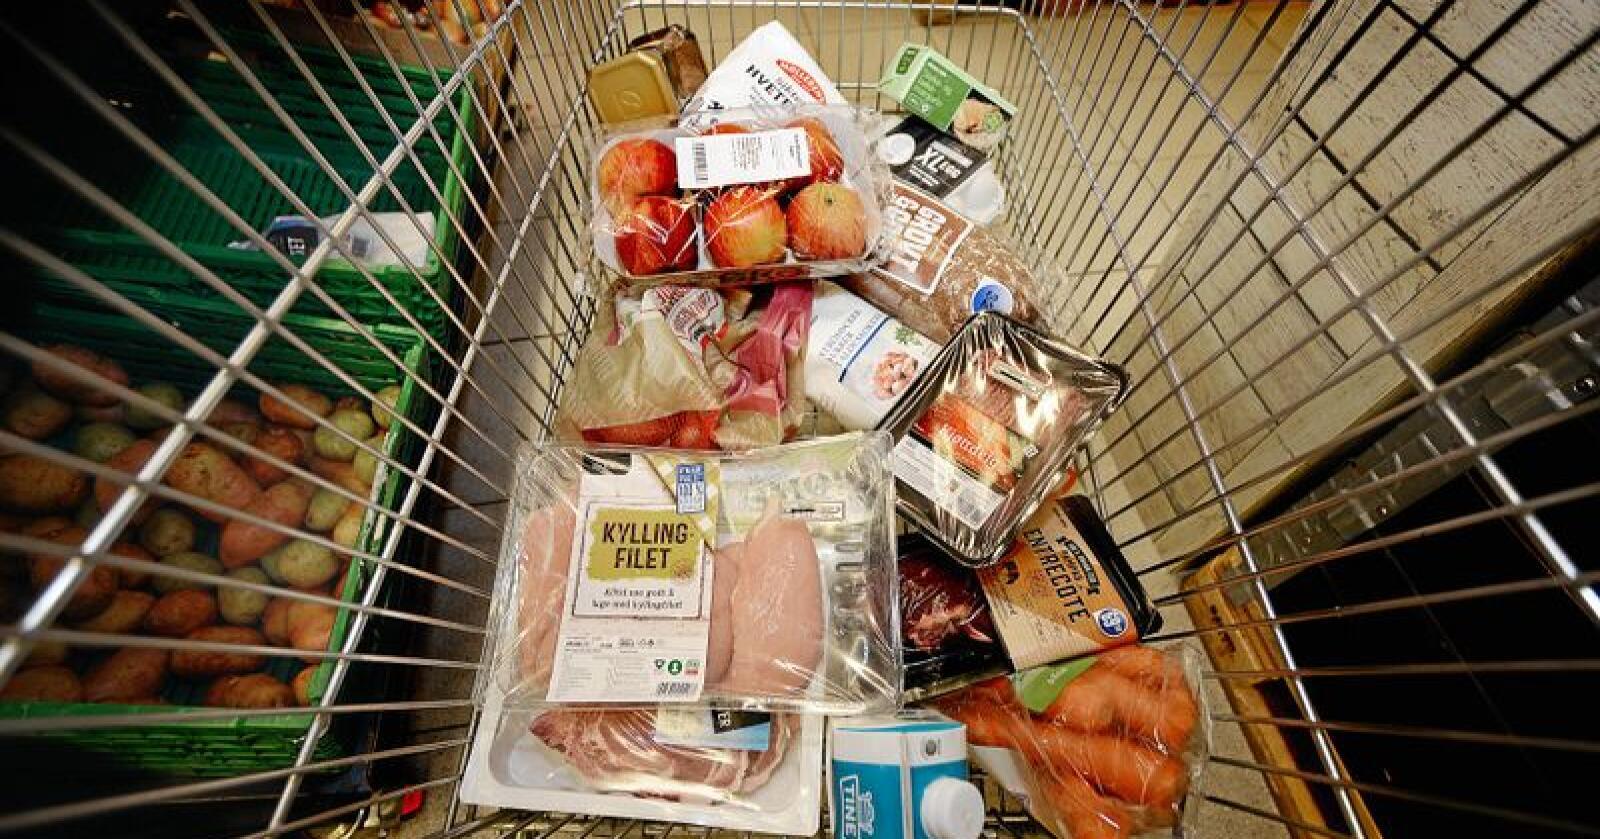 Flere steder i Europa har det kommet trusler om forgiftet mat. Så langt har ingen norske produsenter fått truselen. Foto: Siri Juell Rasmussen